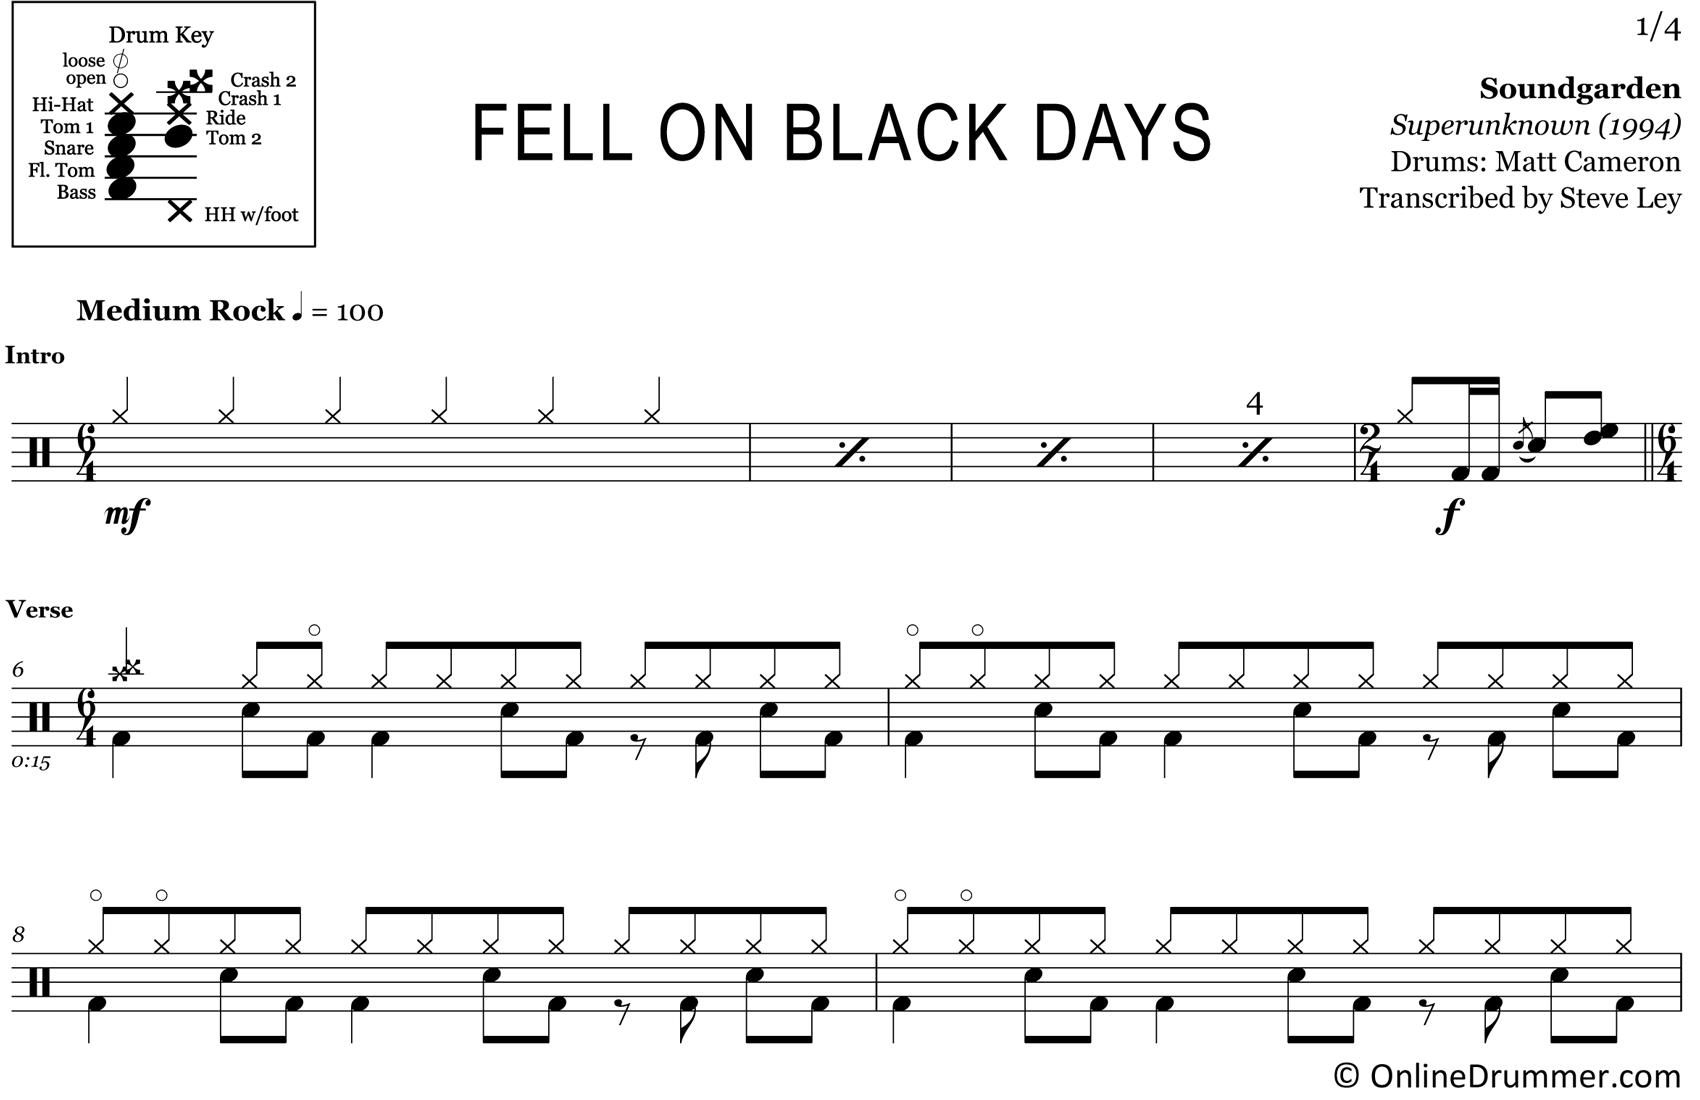 Fell on Black Days - Soundgarden - Drum Sheet Music